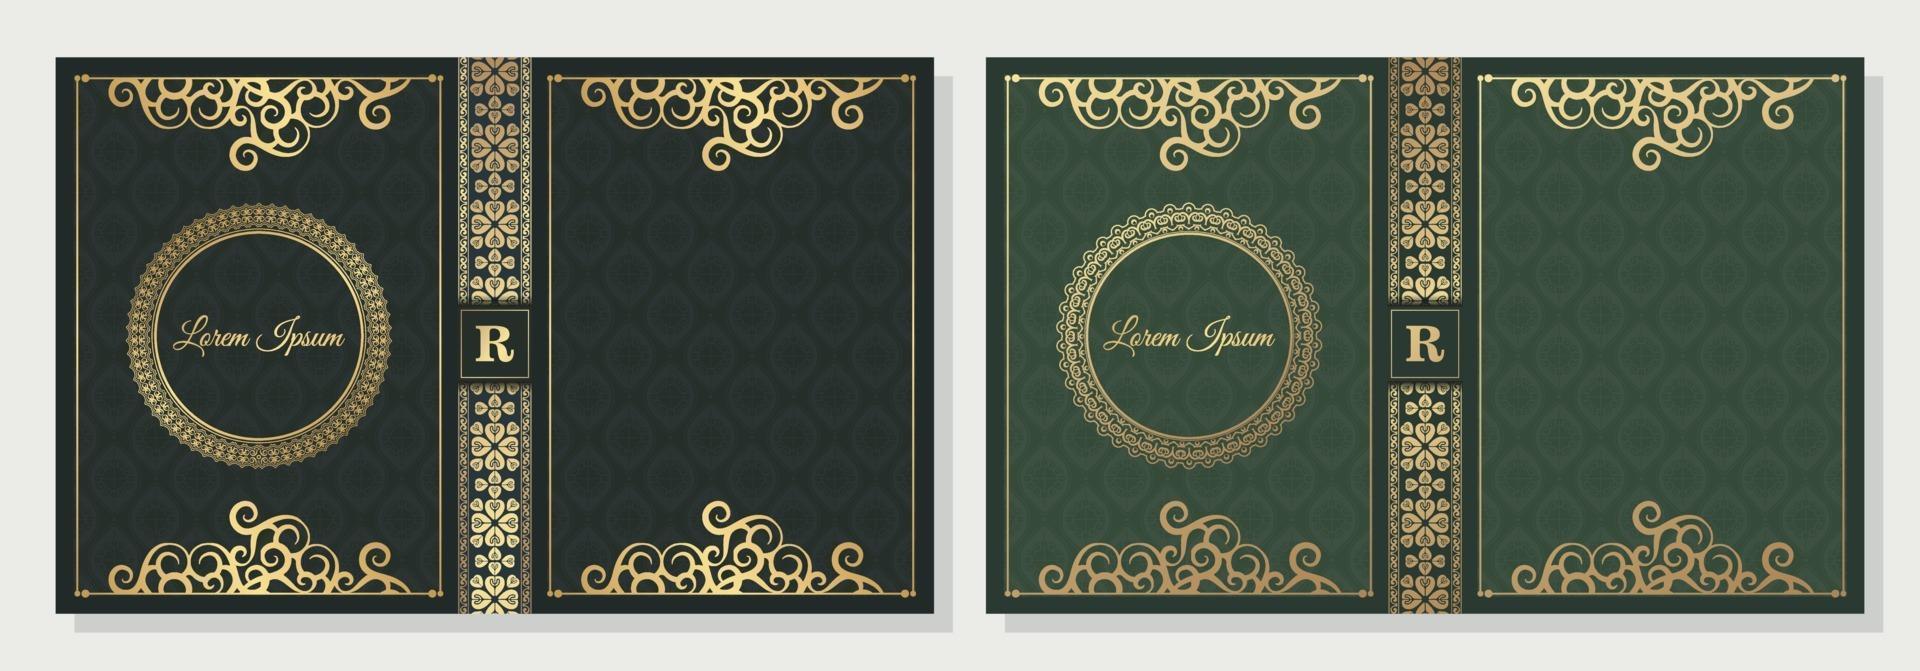 diseño de portada de libro ornamental de lujo vector